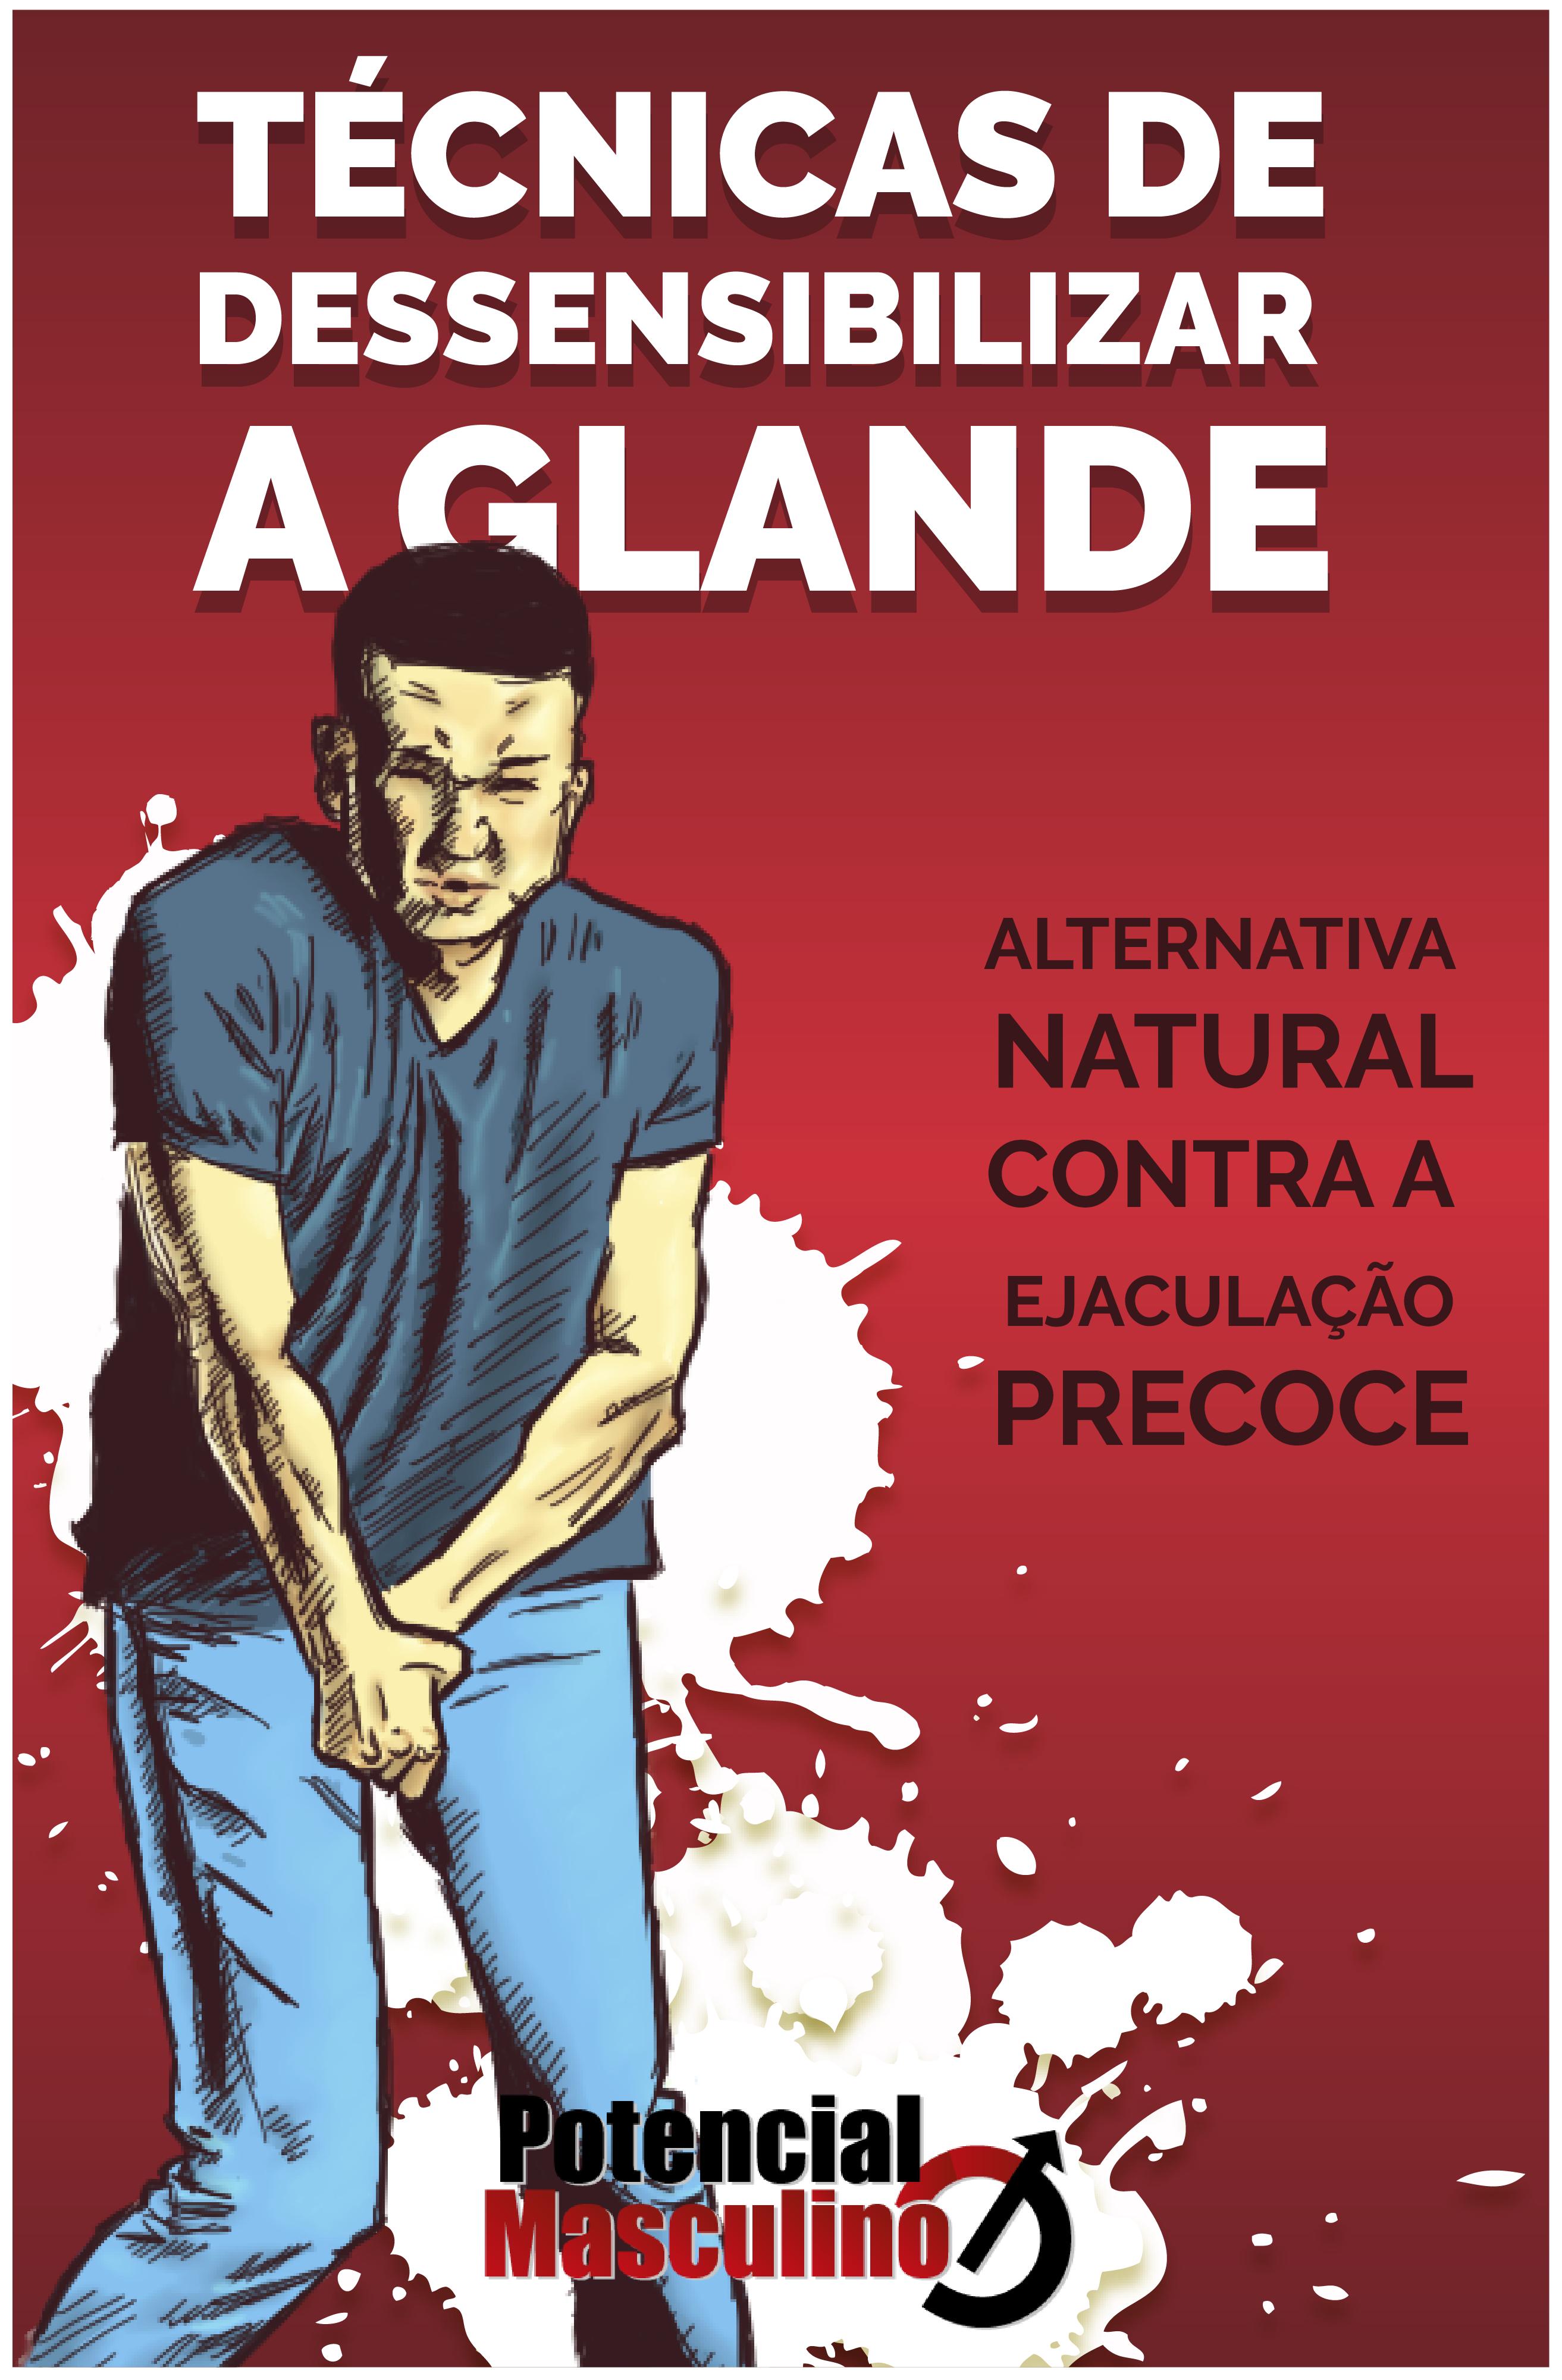 como diminuir sensibilidade da glande